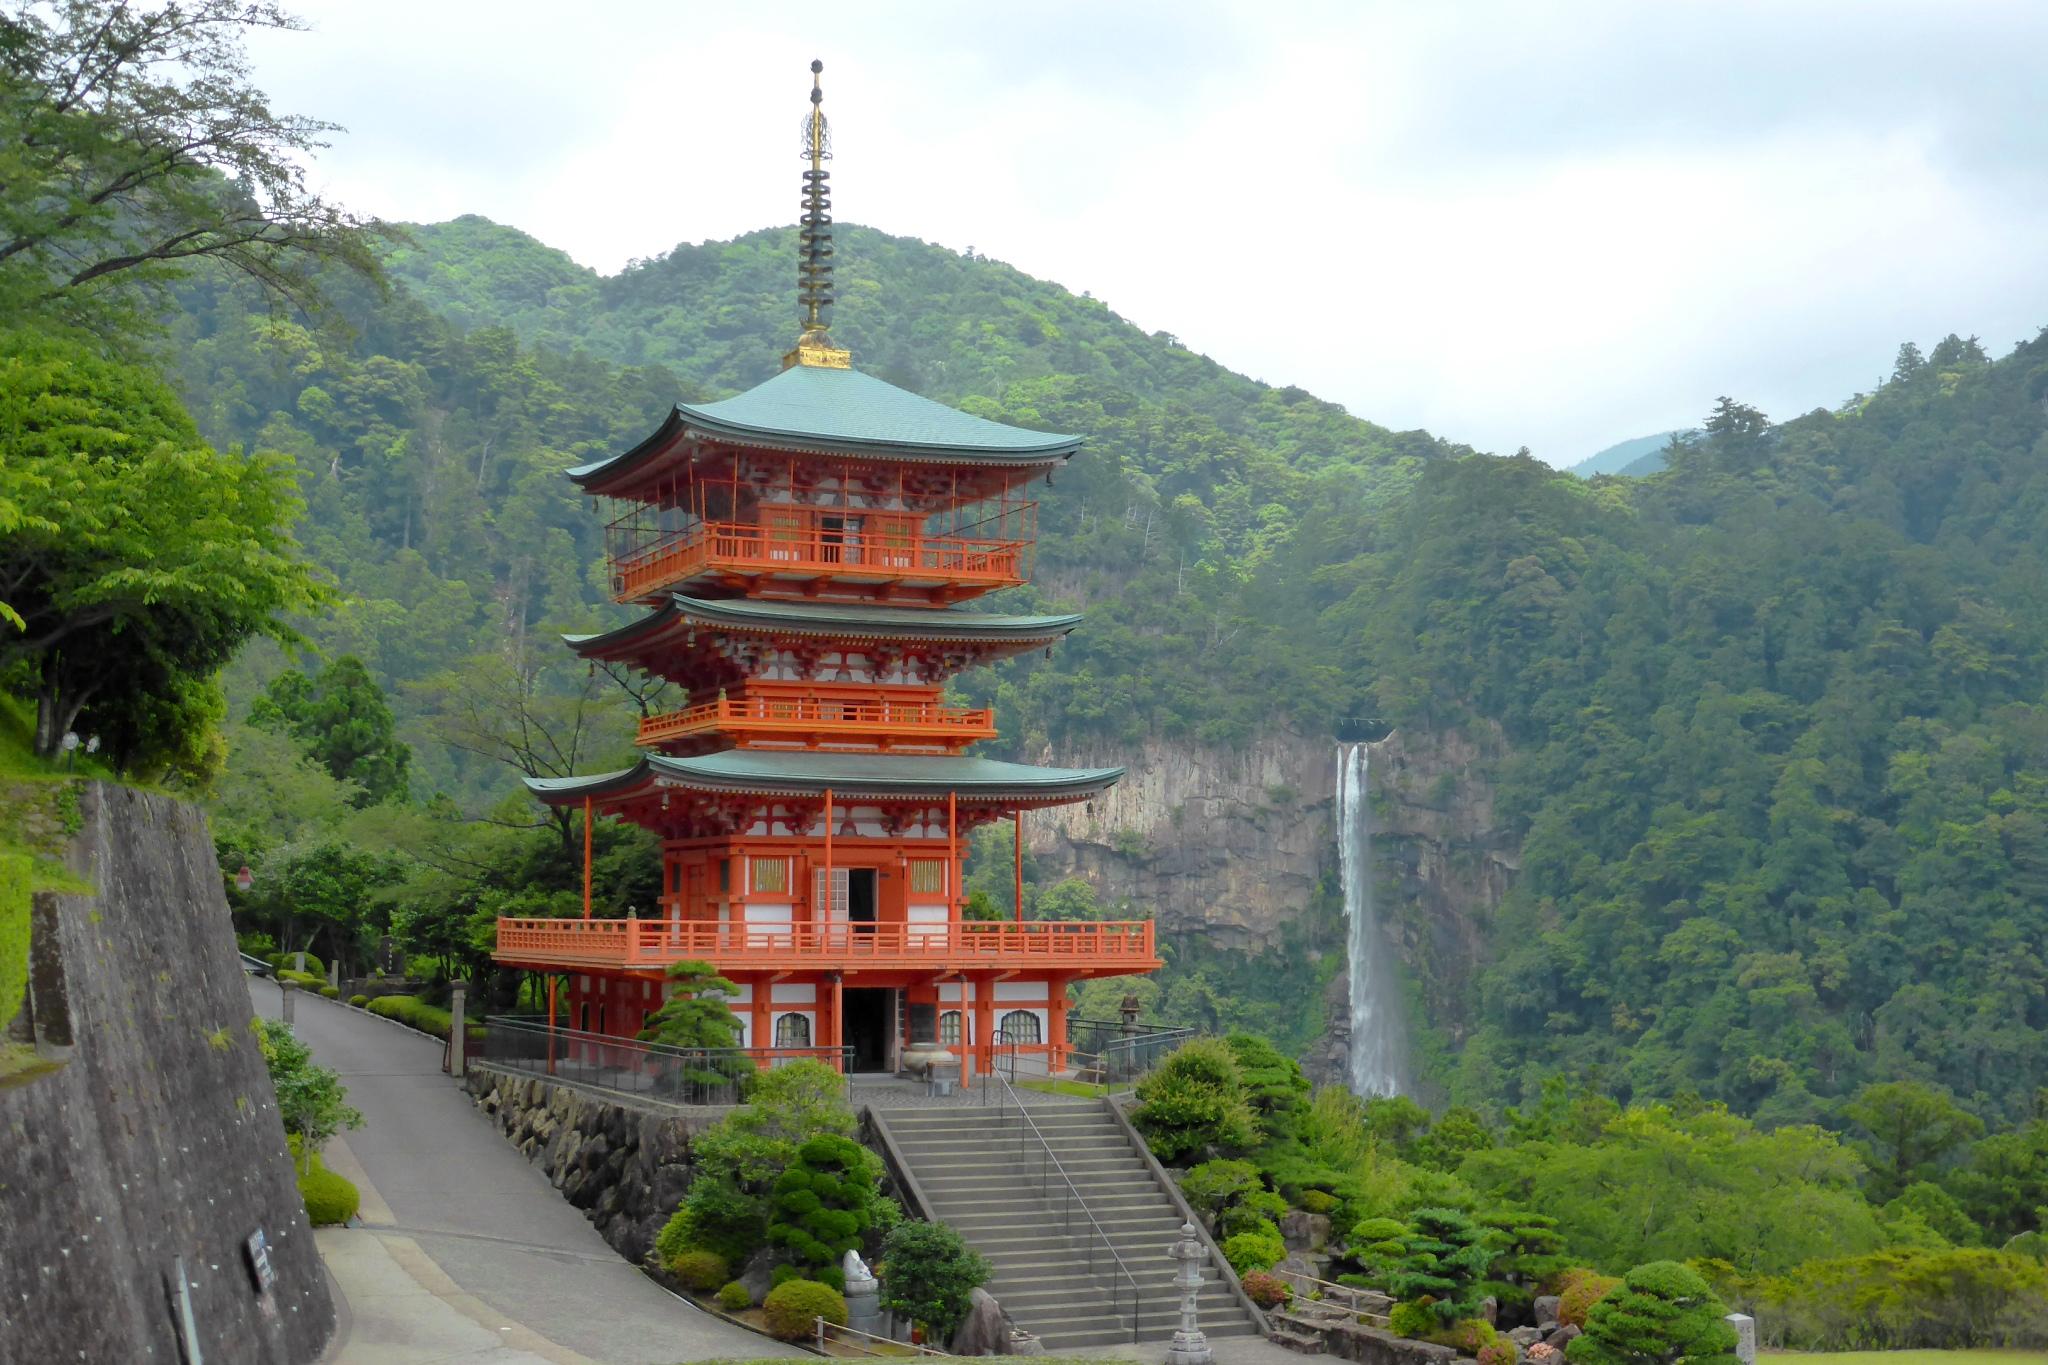 和歌山県東牟婁郡那智勝浦町にある青岸渡寺の三重塔と那智の滝